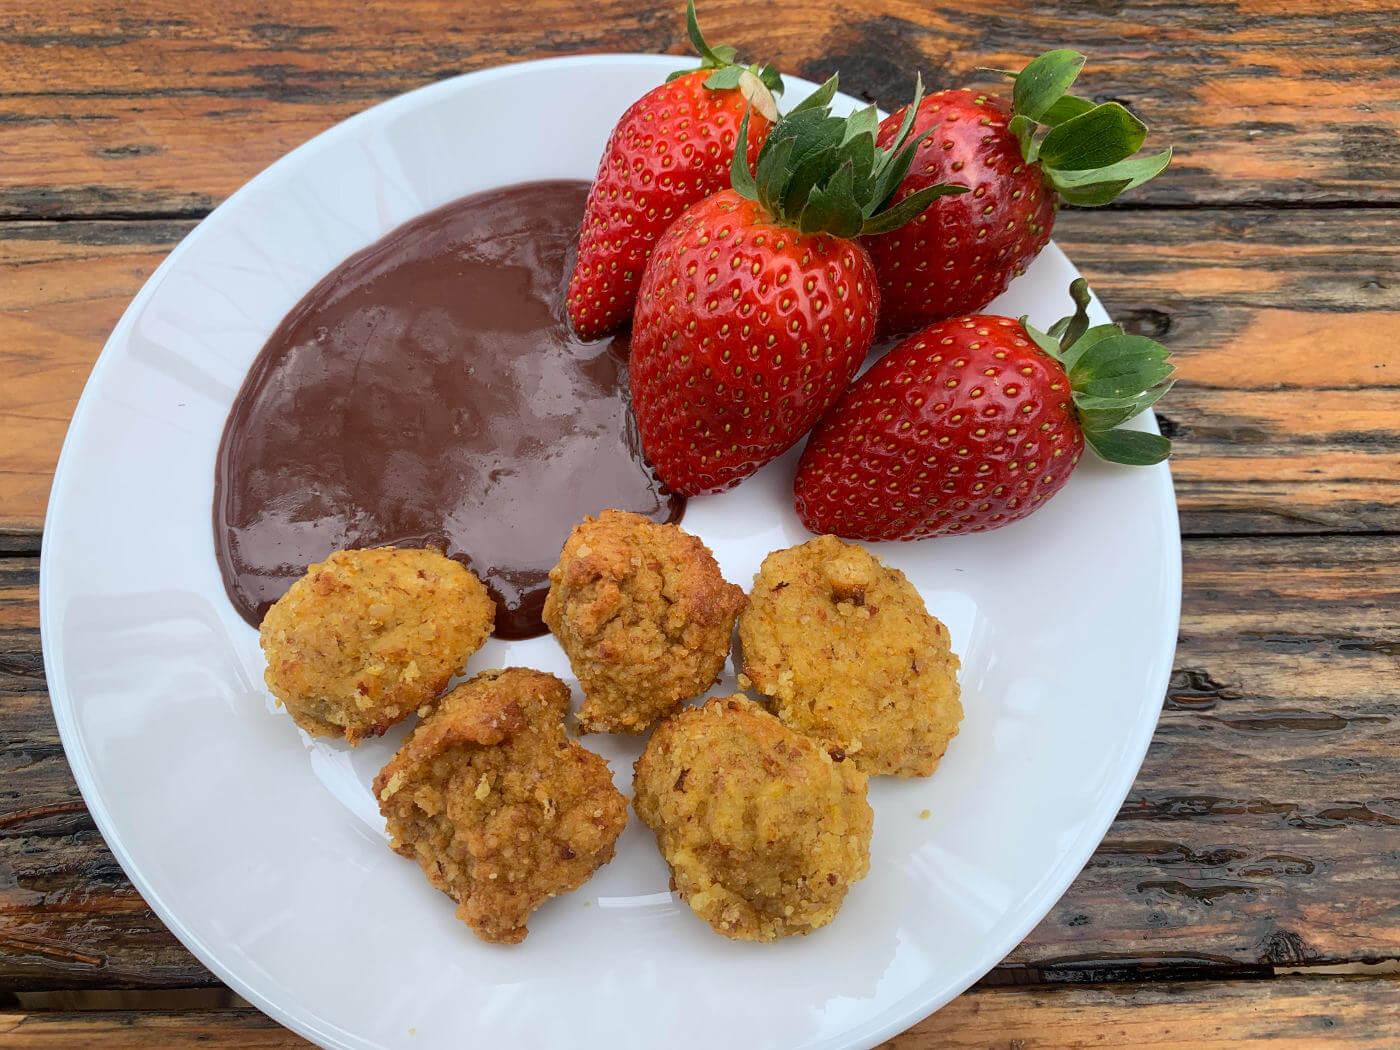 עוגיות שקדים רוטב שוקולד חם עם תפוזים